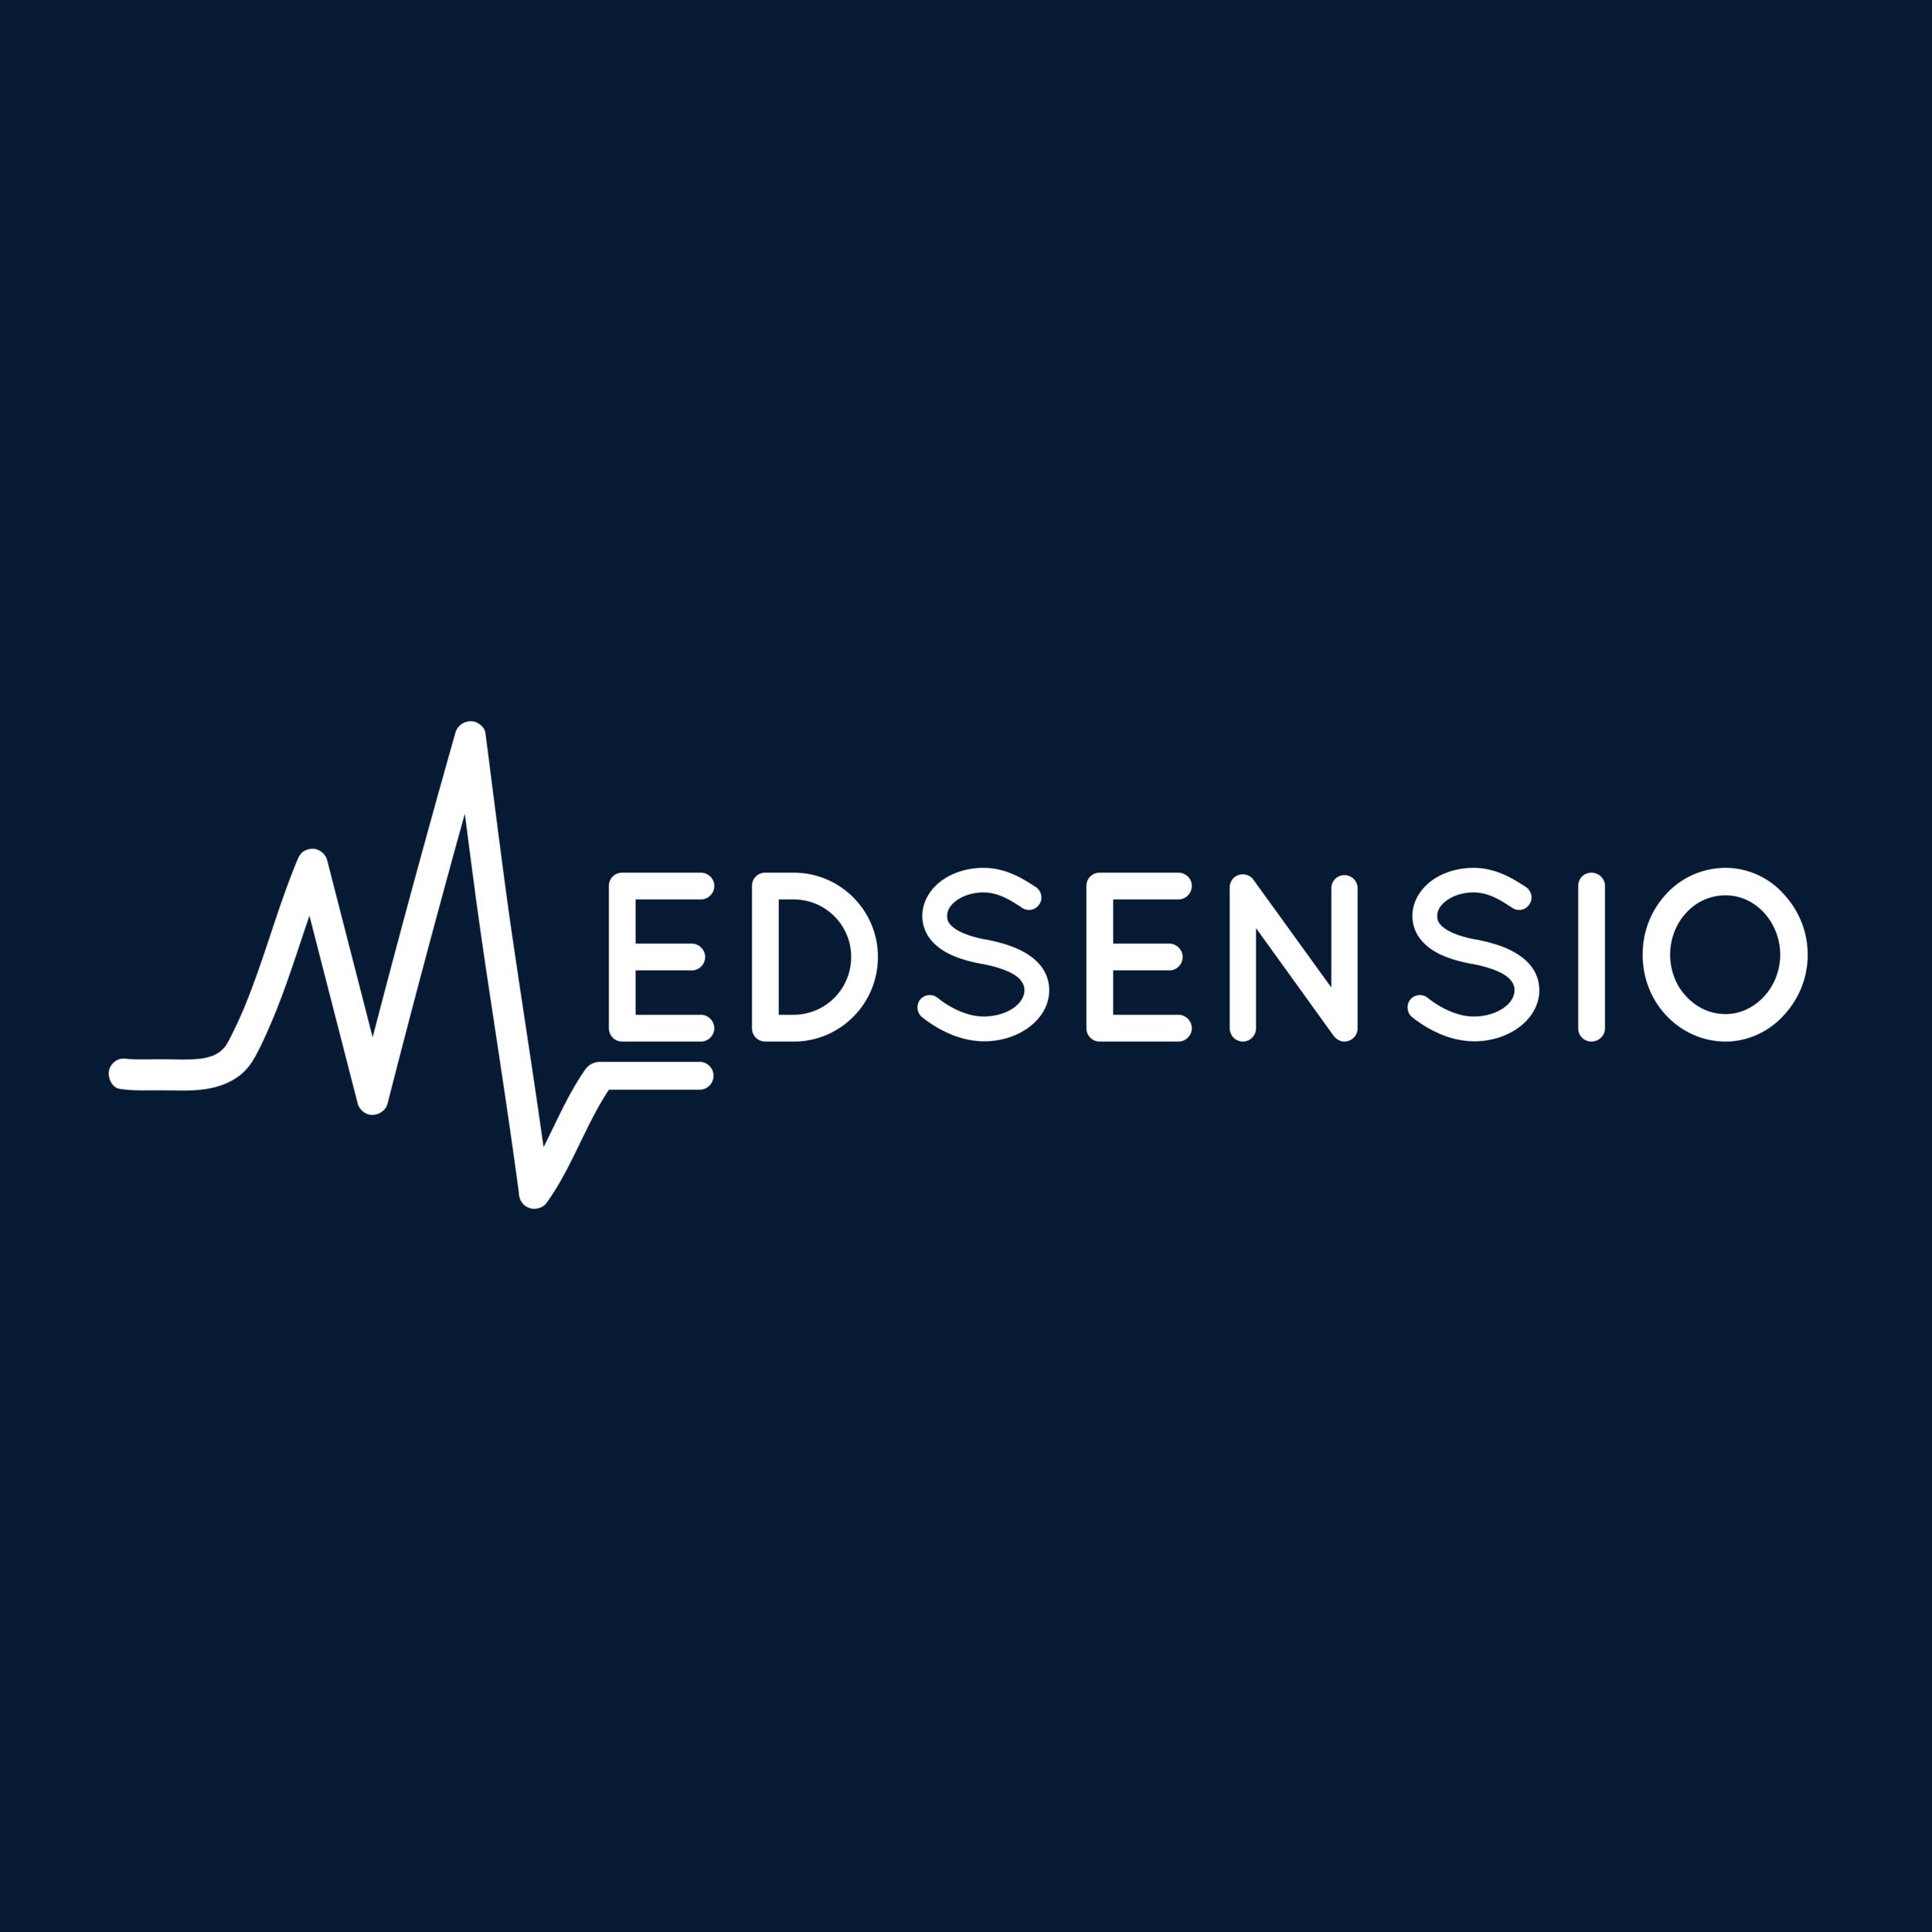 medsensio.png